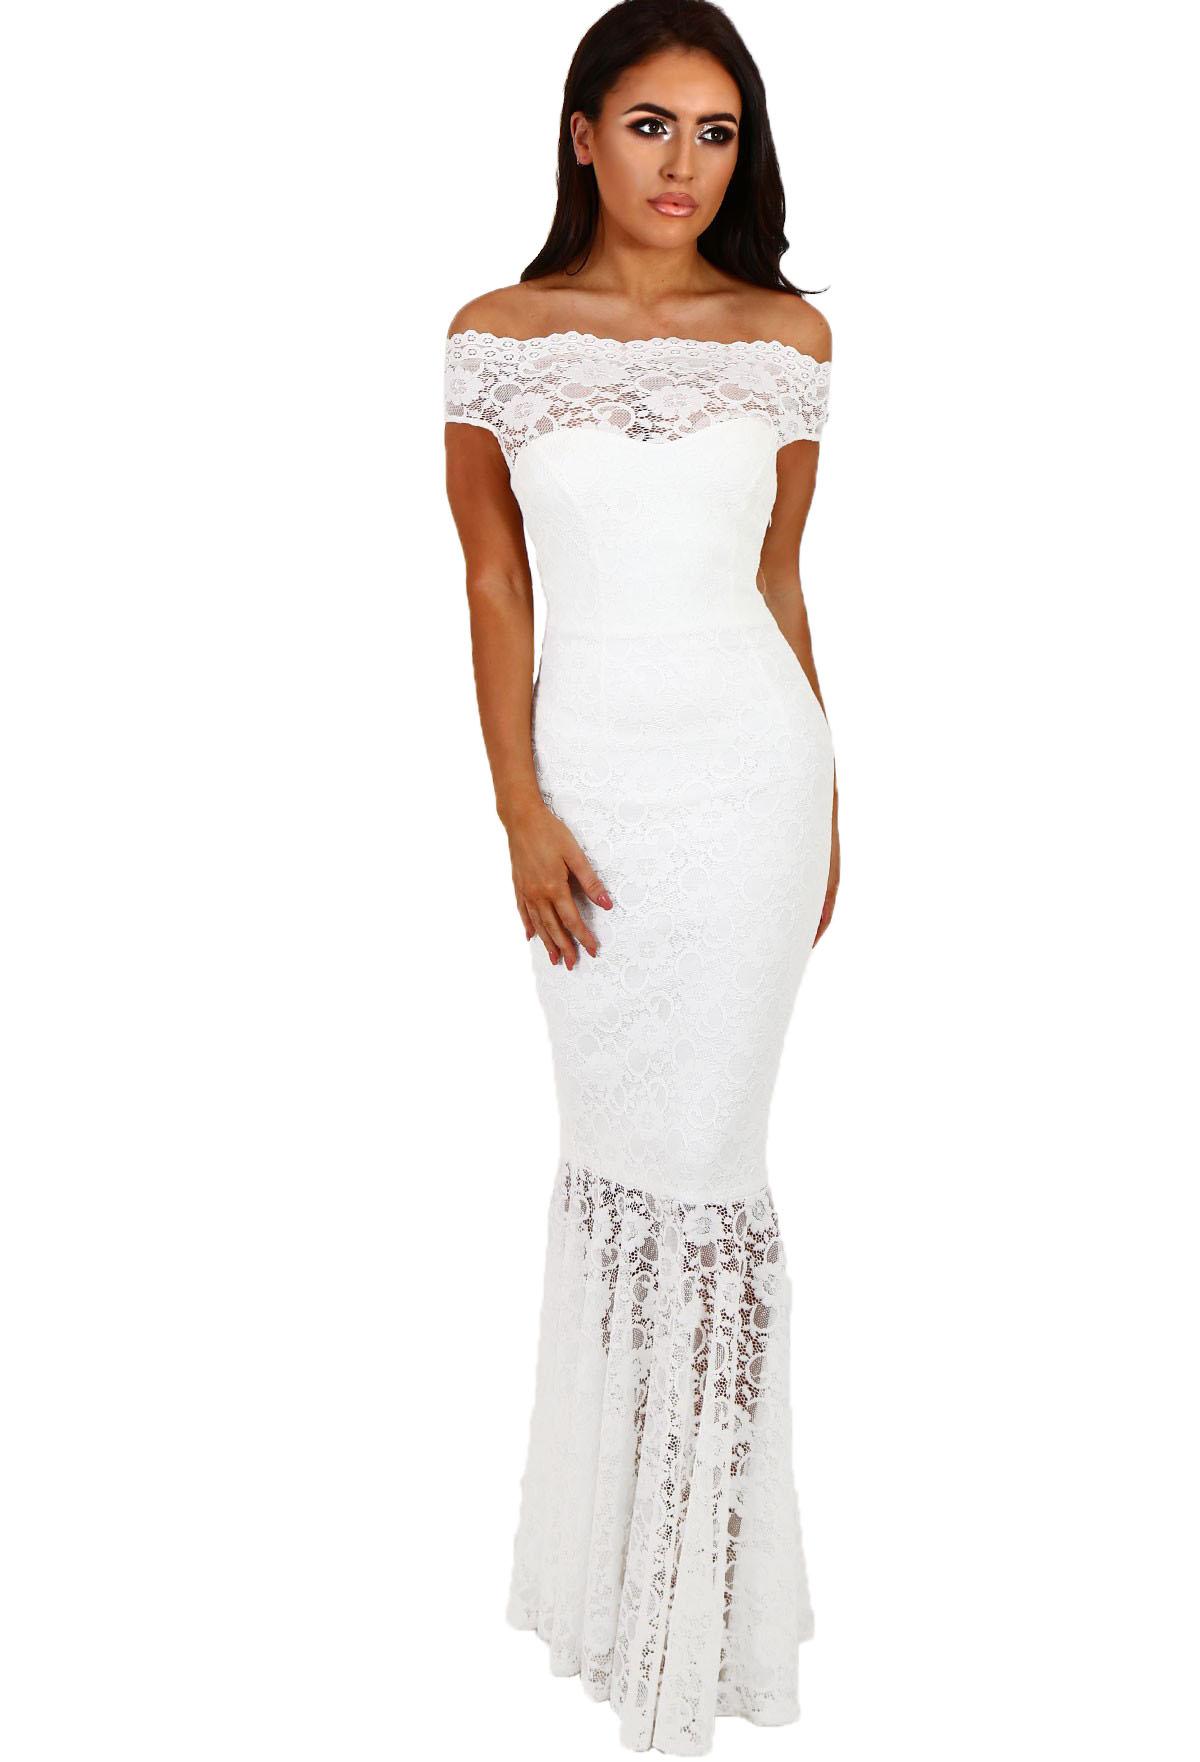 1a7f3041cacd 001 Společenské šaty krajkové dlouhé bílé